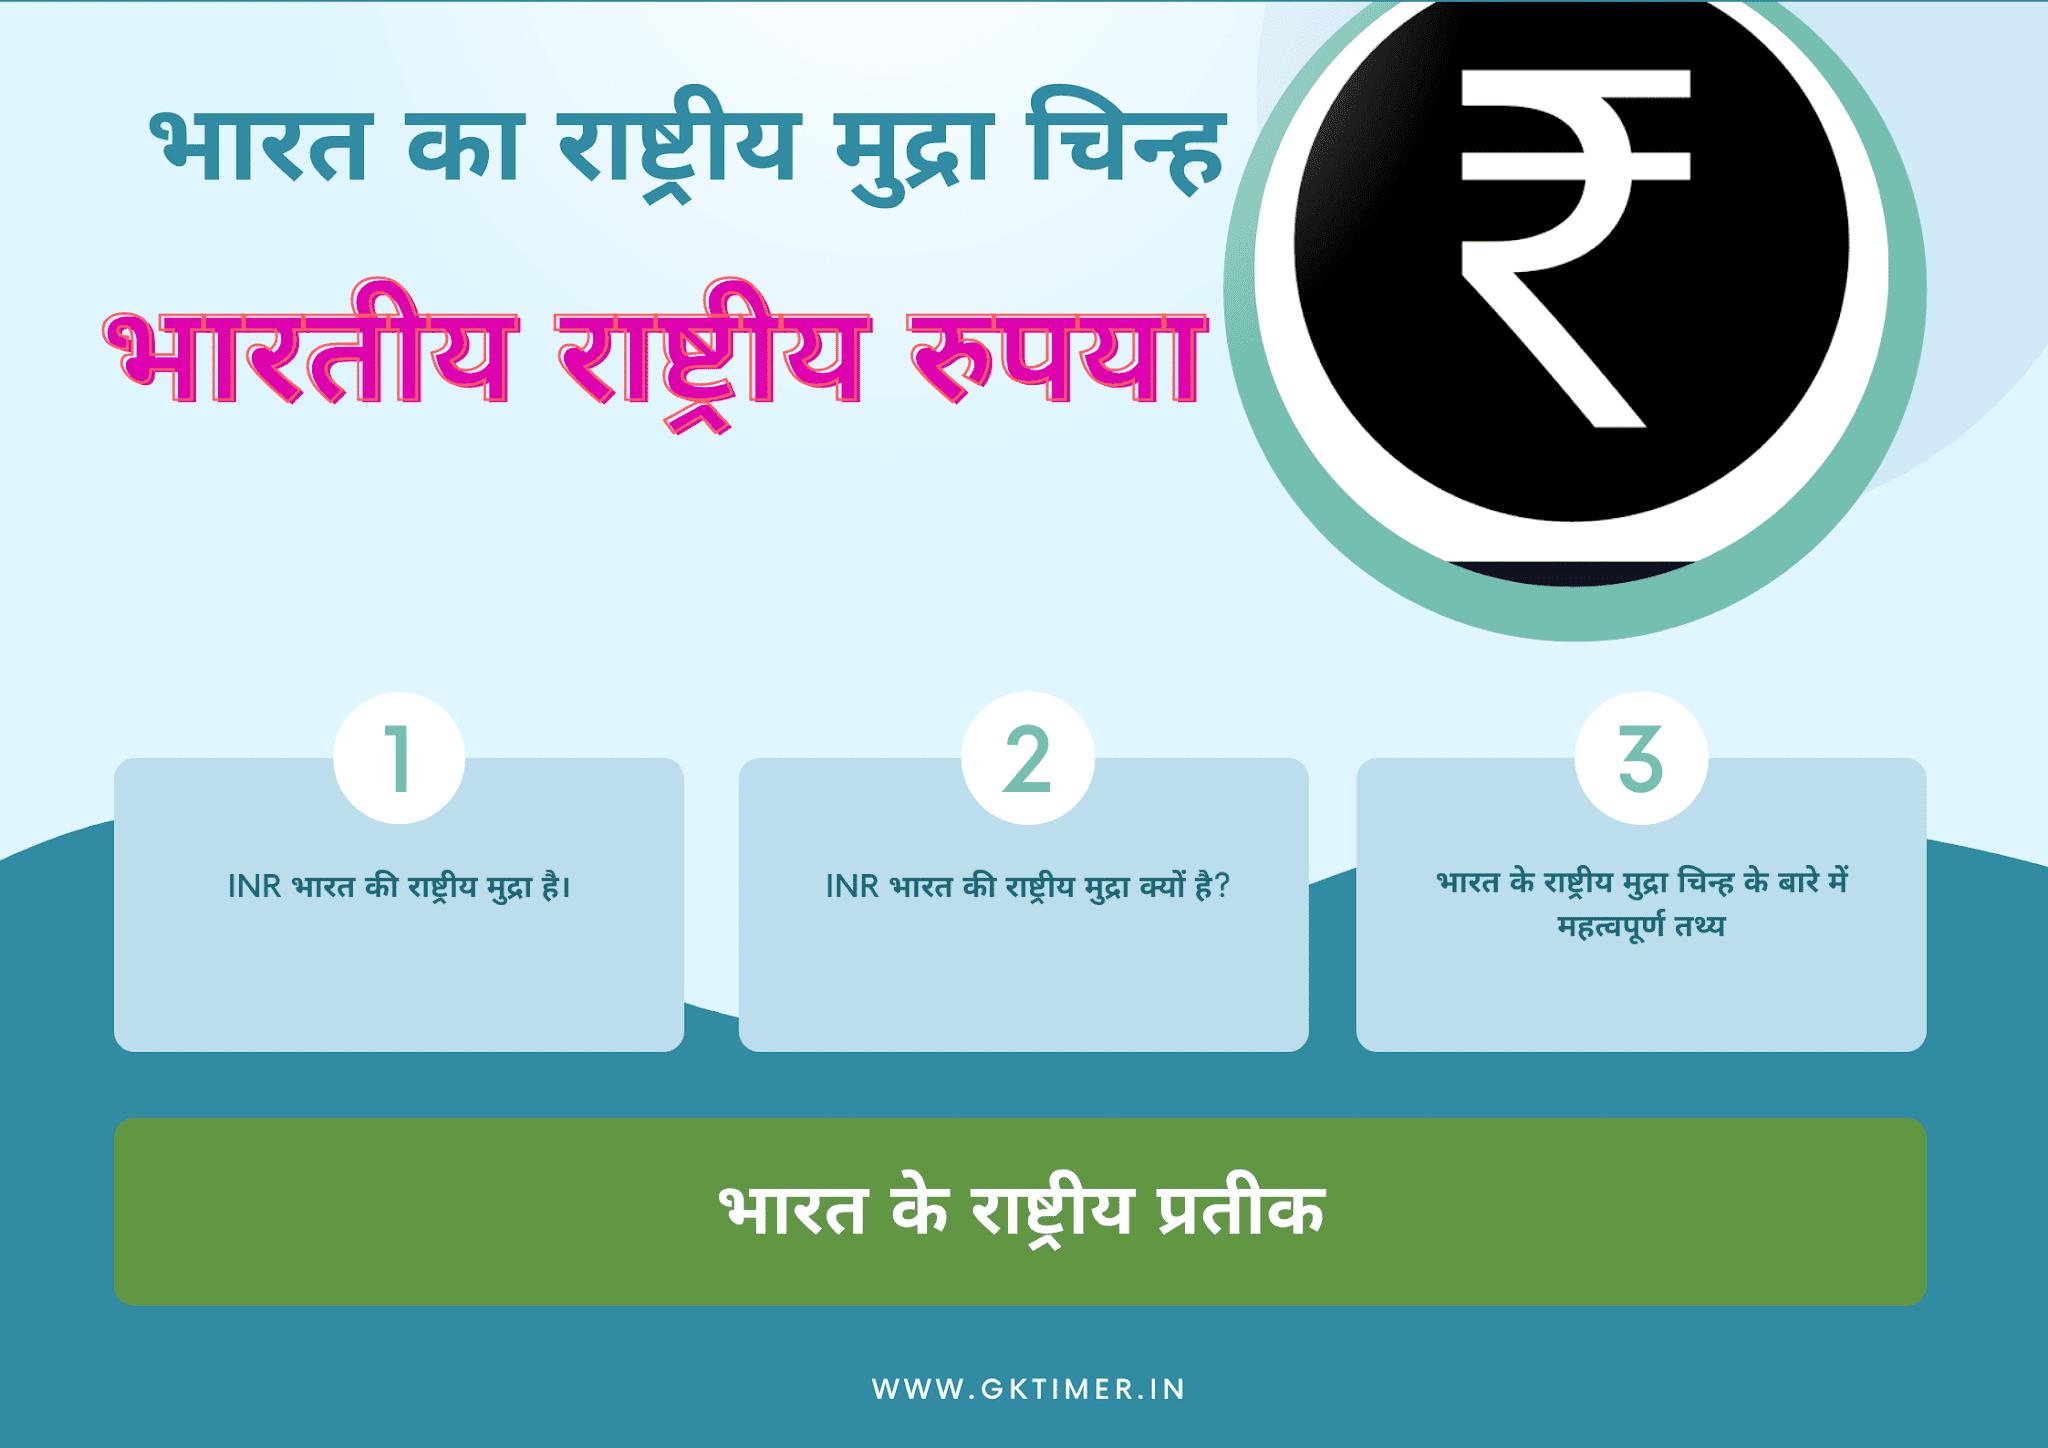 भारत का राष्ट्रीय मुद्रा प्रतीक : भारतीय राष्ट्रीय रुपया | National Currency Symbol of India in Hindi : ₹